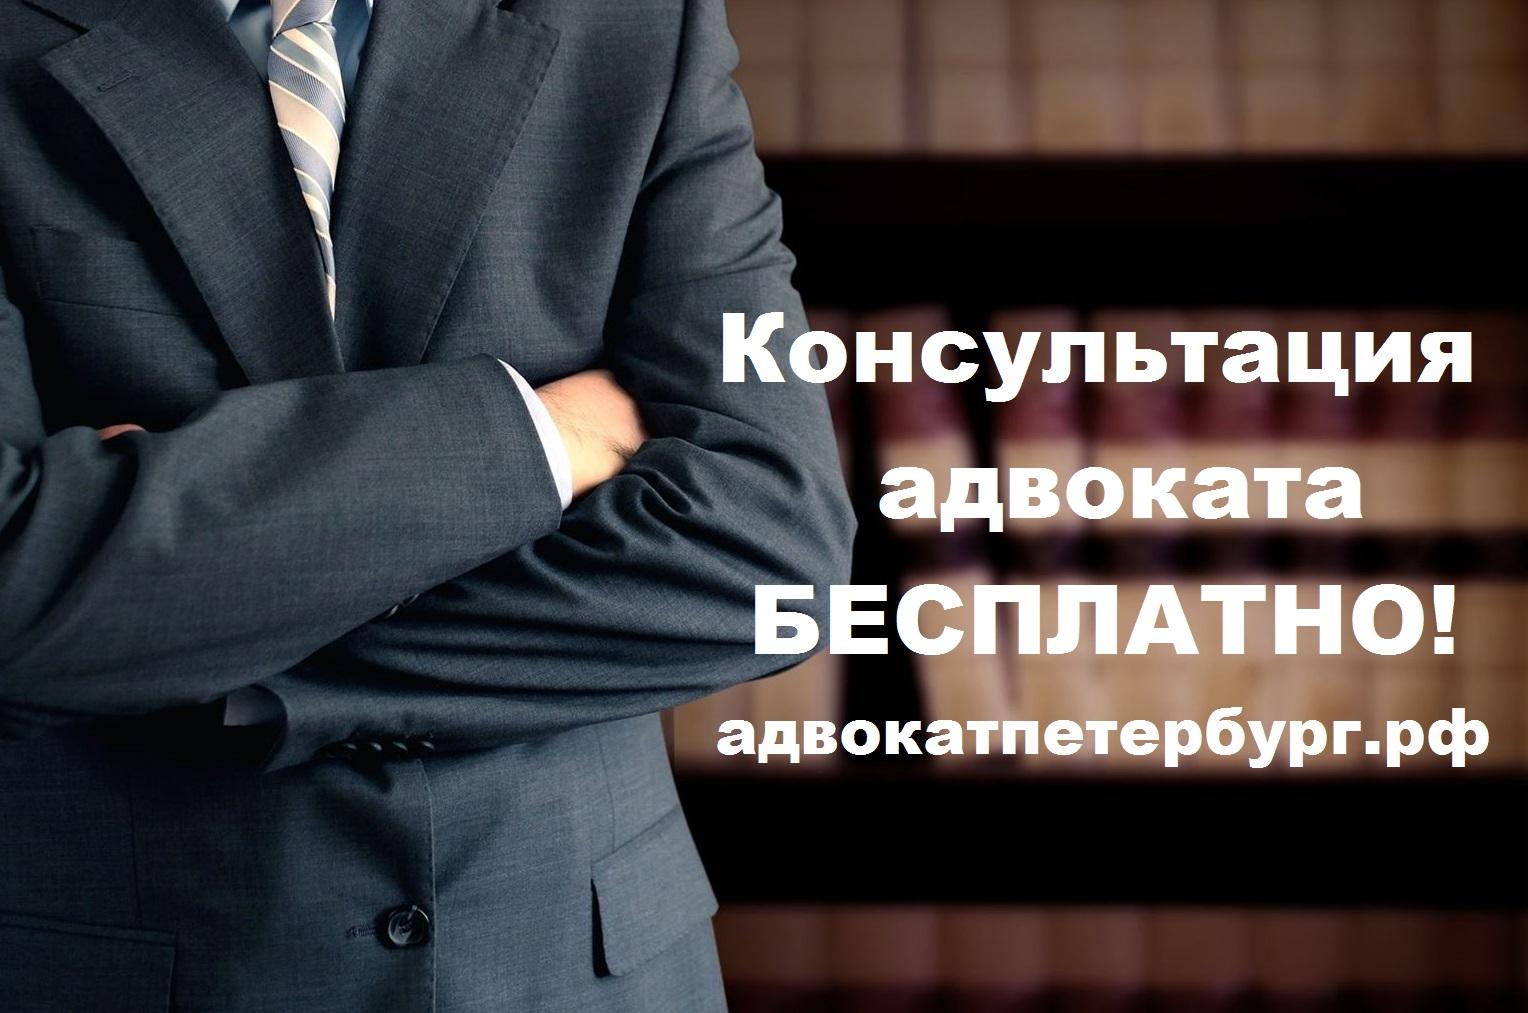 бесплатная консультация адвокатов и юристов будут